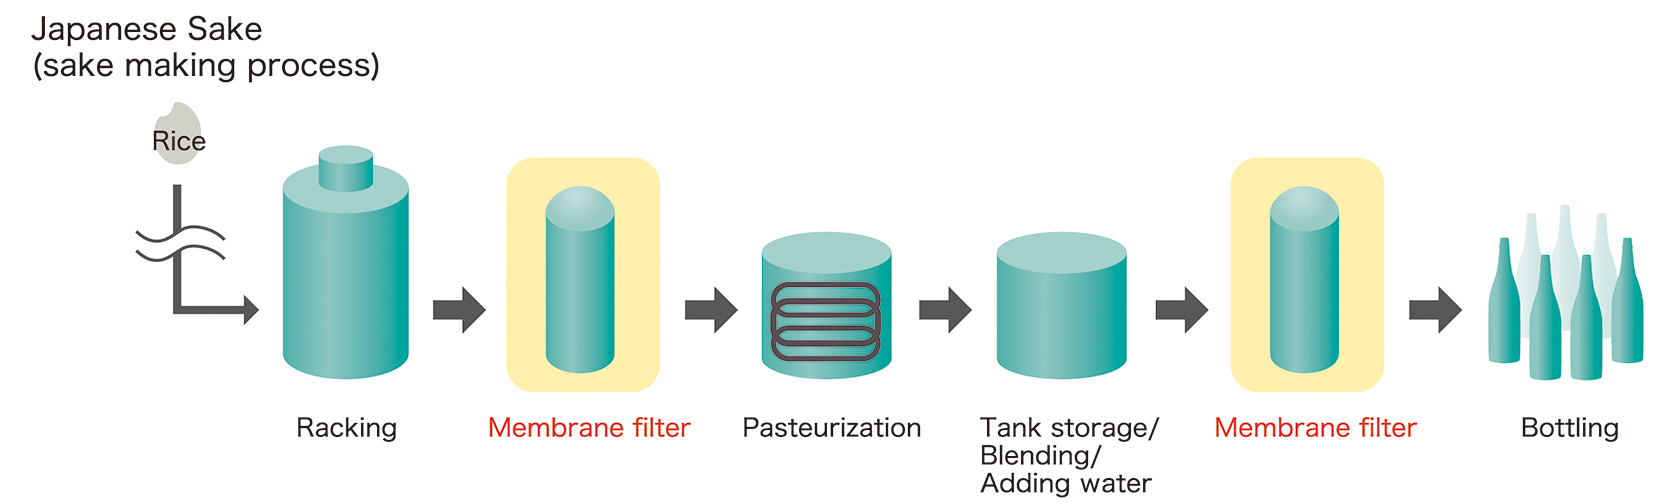 [image] Japanese Sake making process